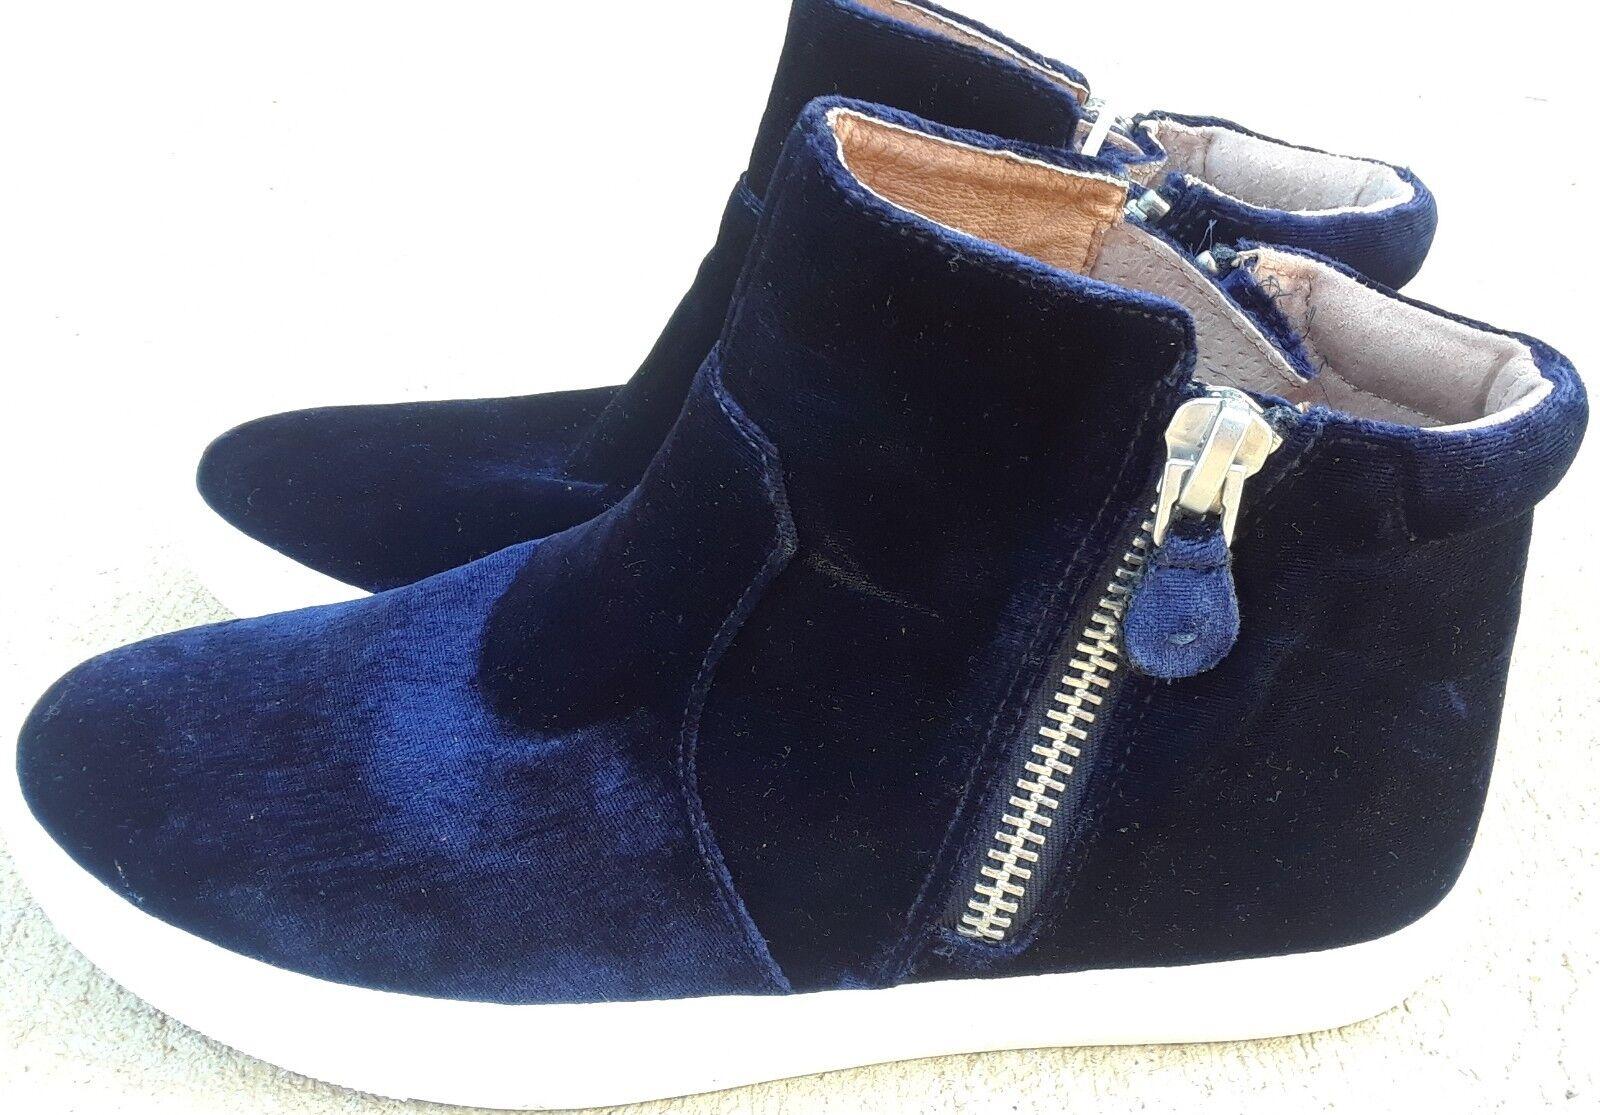 Kenneth Cole Gentle Souls Carole Zip Sneaker Blau Velvet Größe 9.5M MSRP 120